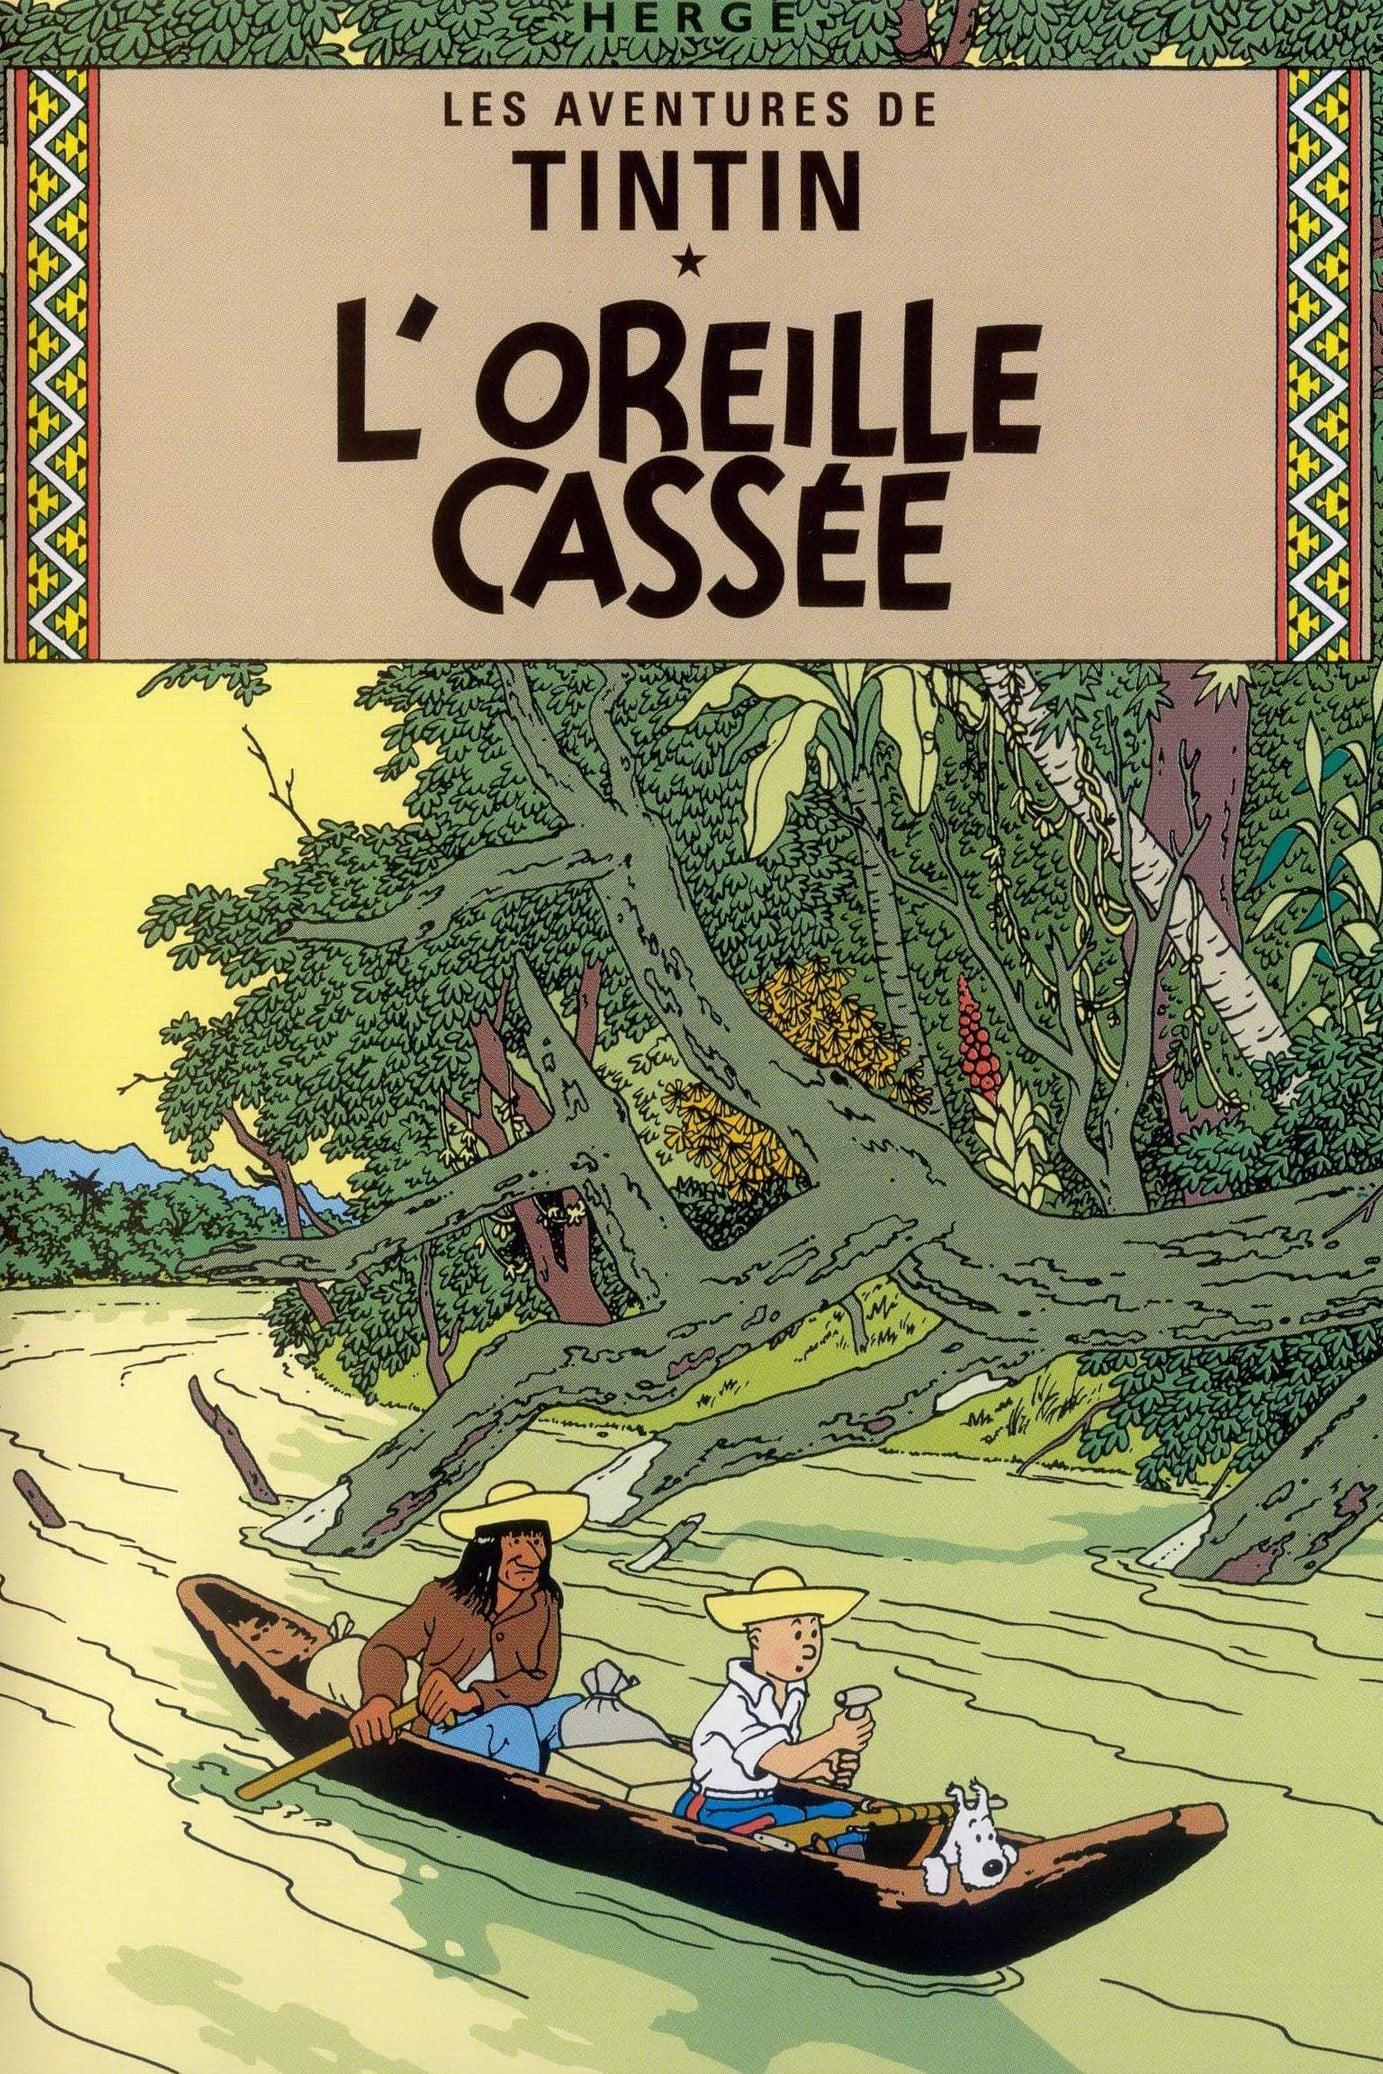 Les-Aventures-De-Tintin-04-LOreille-Casse-1992-4554